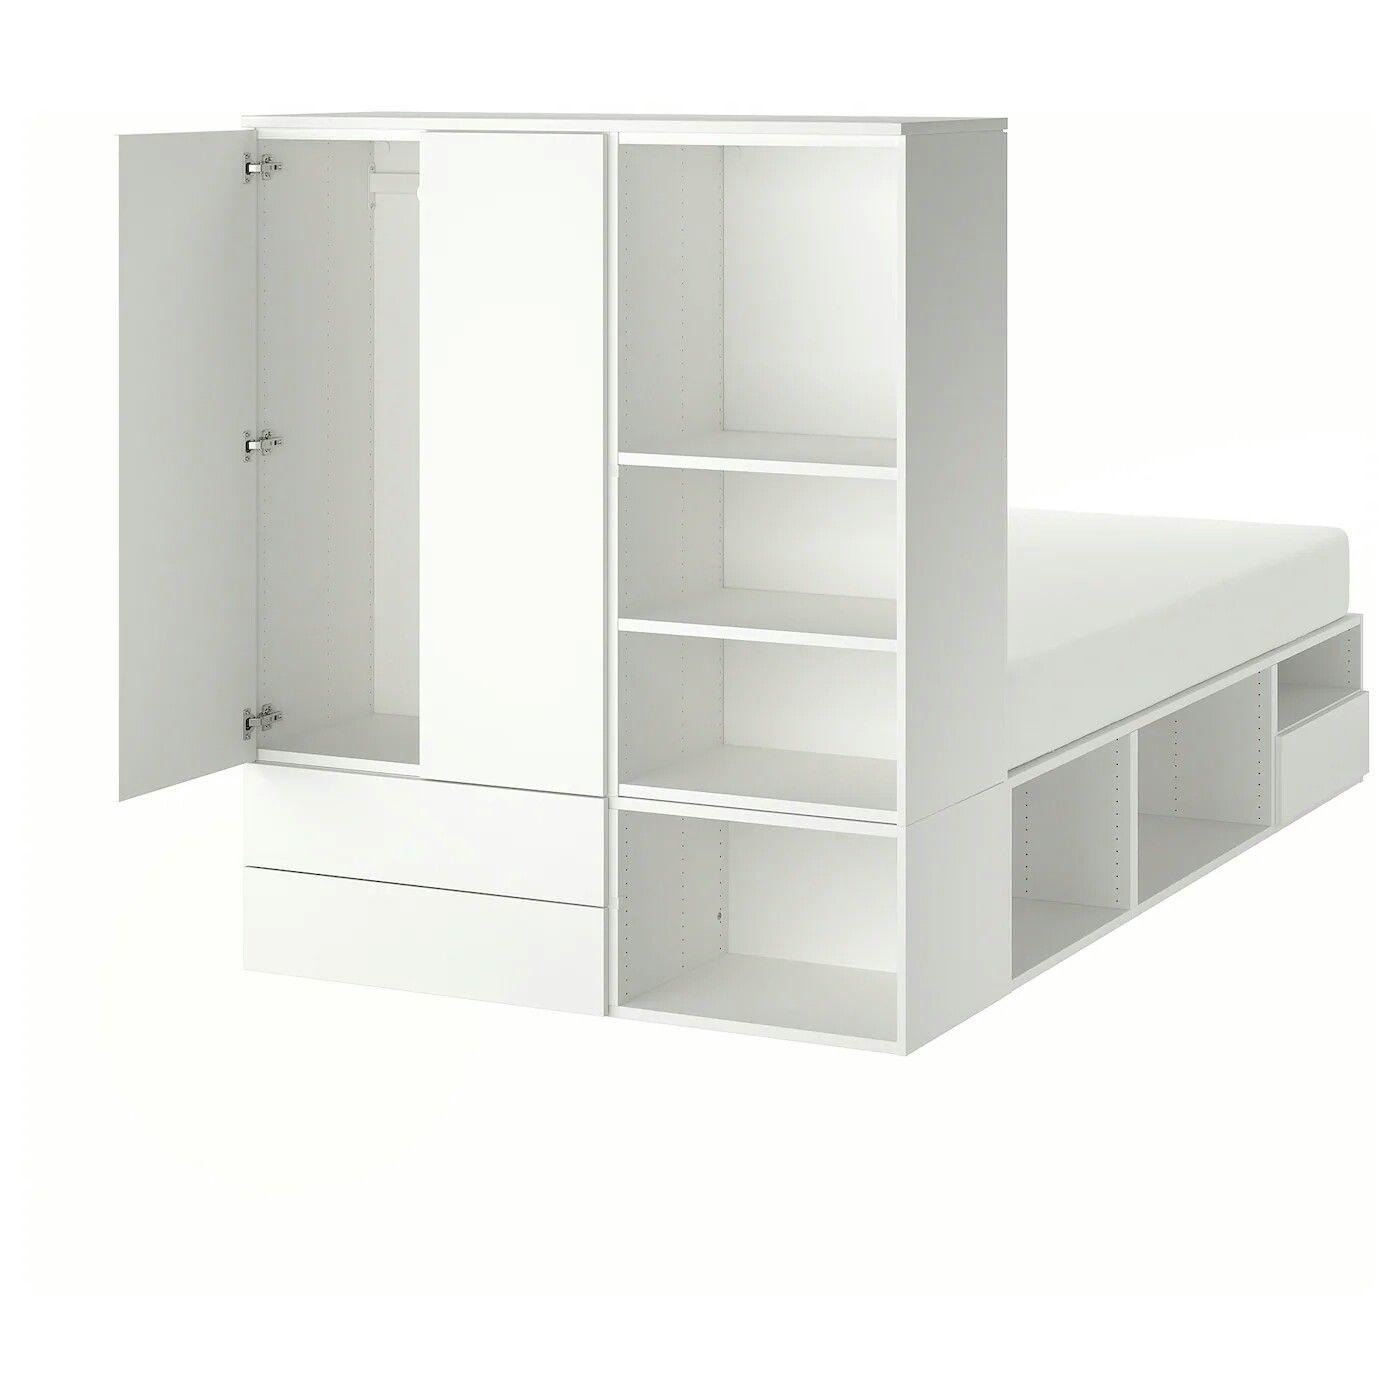 Ikea Platsa Platform Bed 120 140 Cm Width Bettgestell Bett